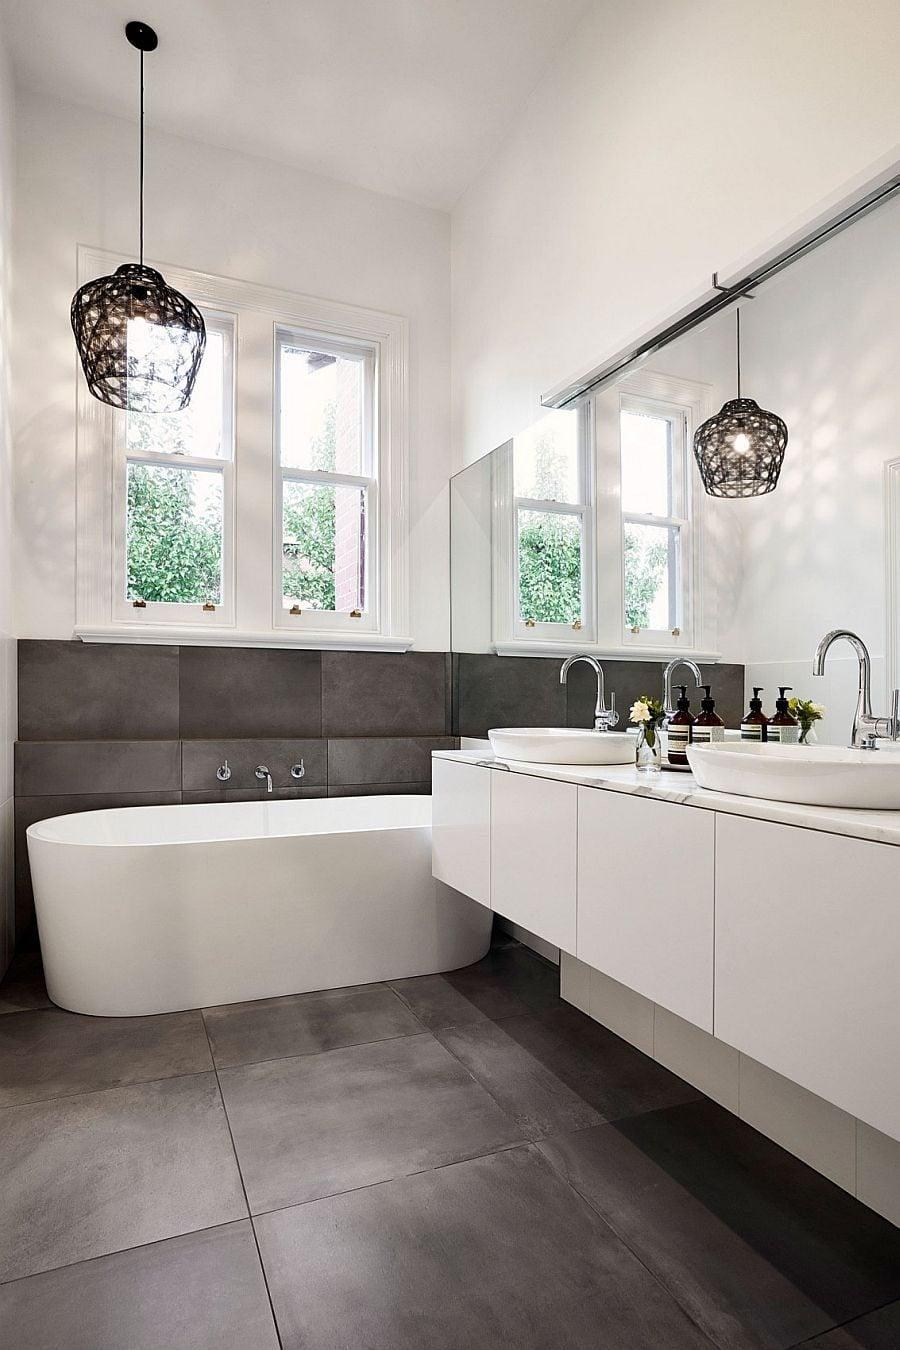 1220 Ngôi nhà kết hợp hai phong cách hiện đại và cổ điển tại Úc qpdesign